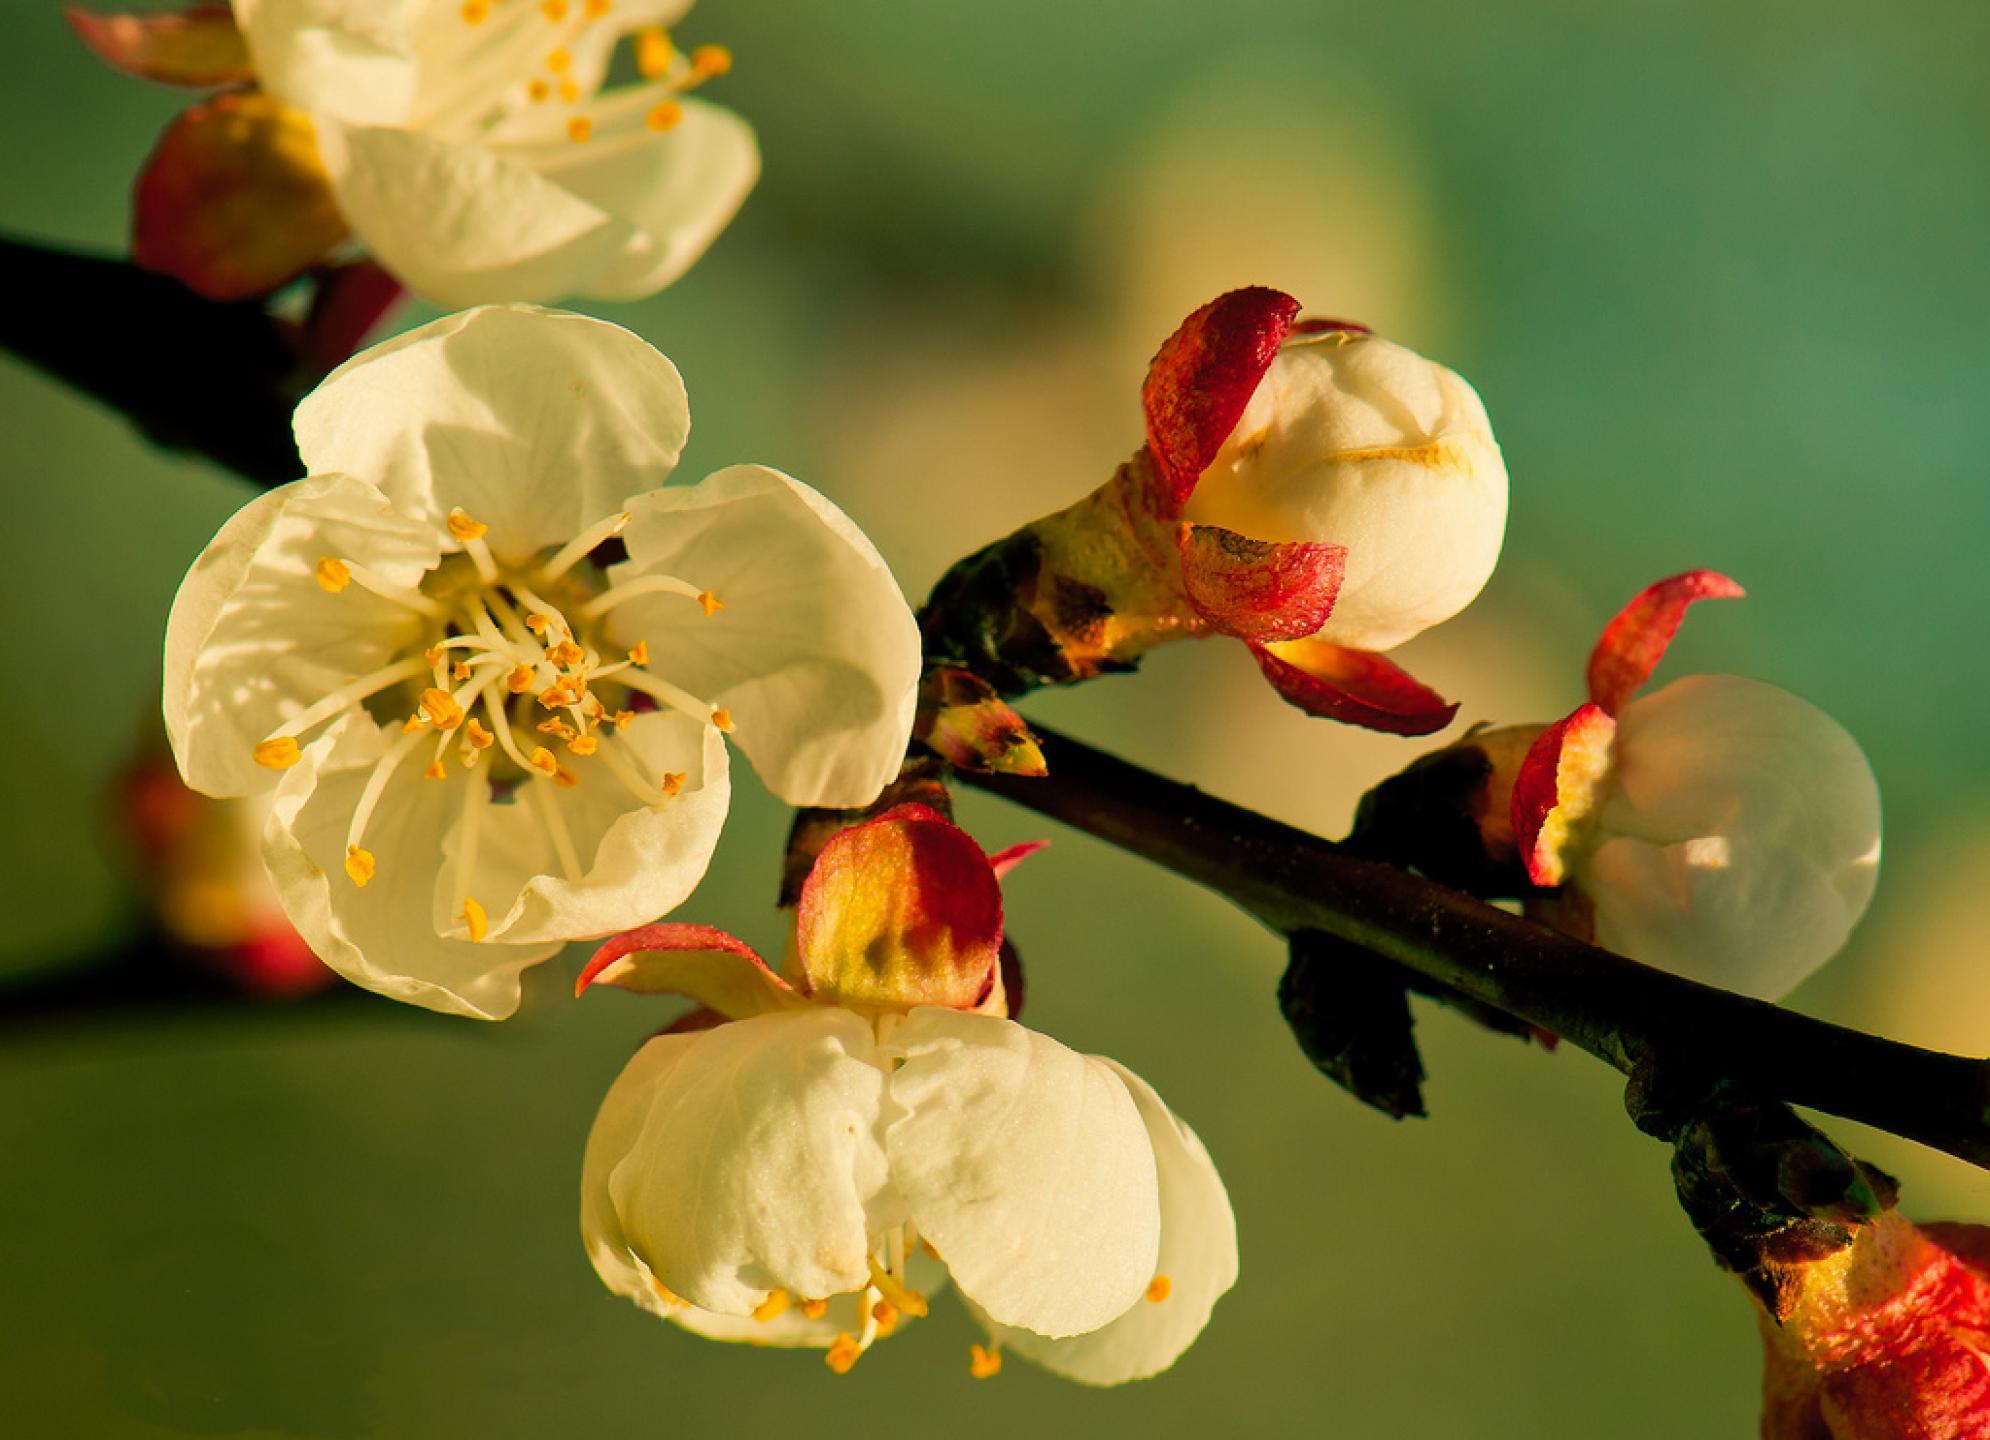 عکس های زیباترین گل ها